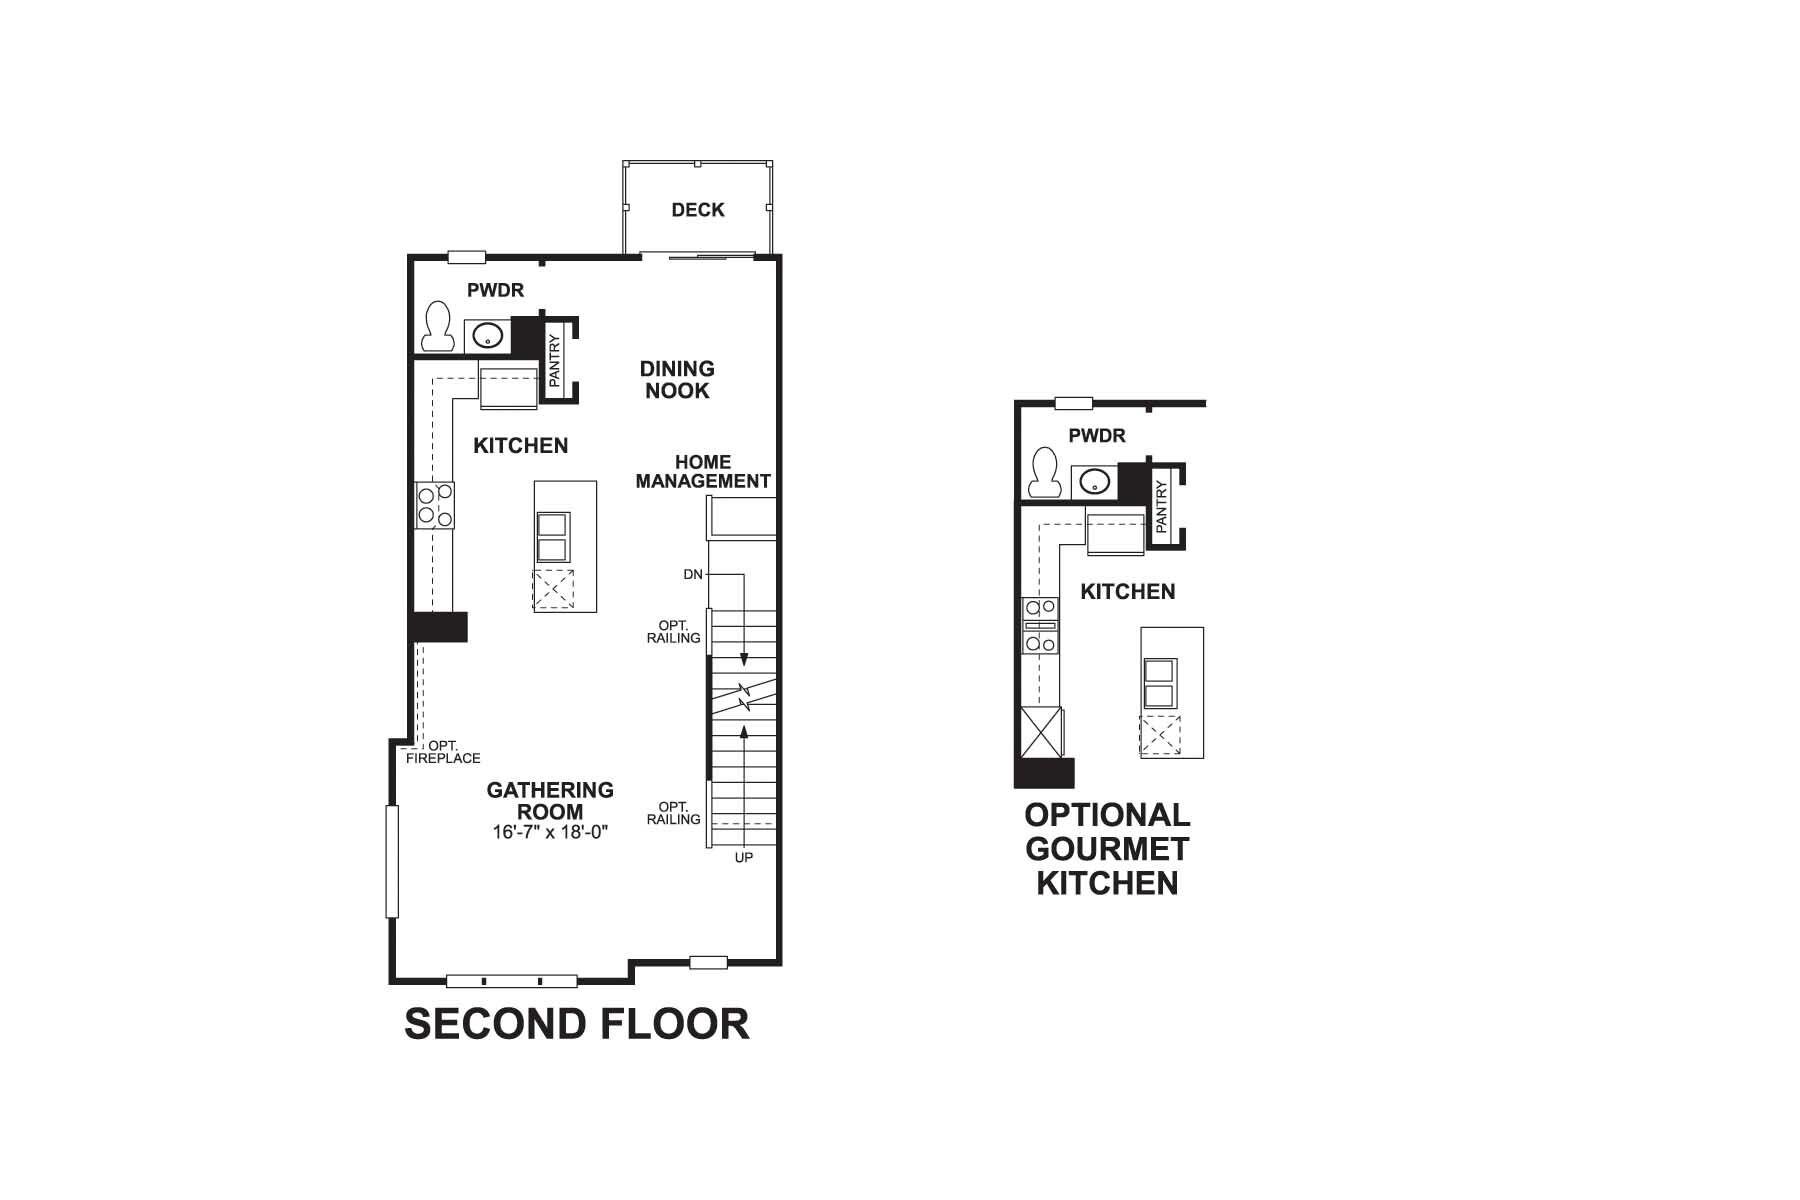 T1800 Second Floor